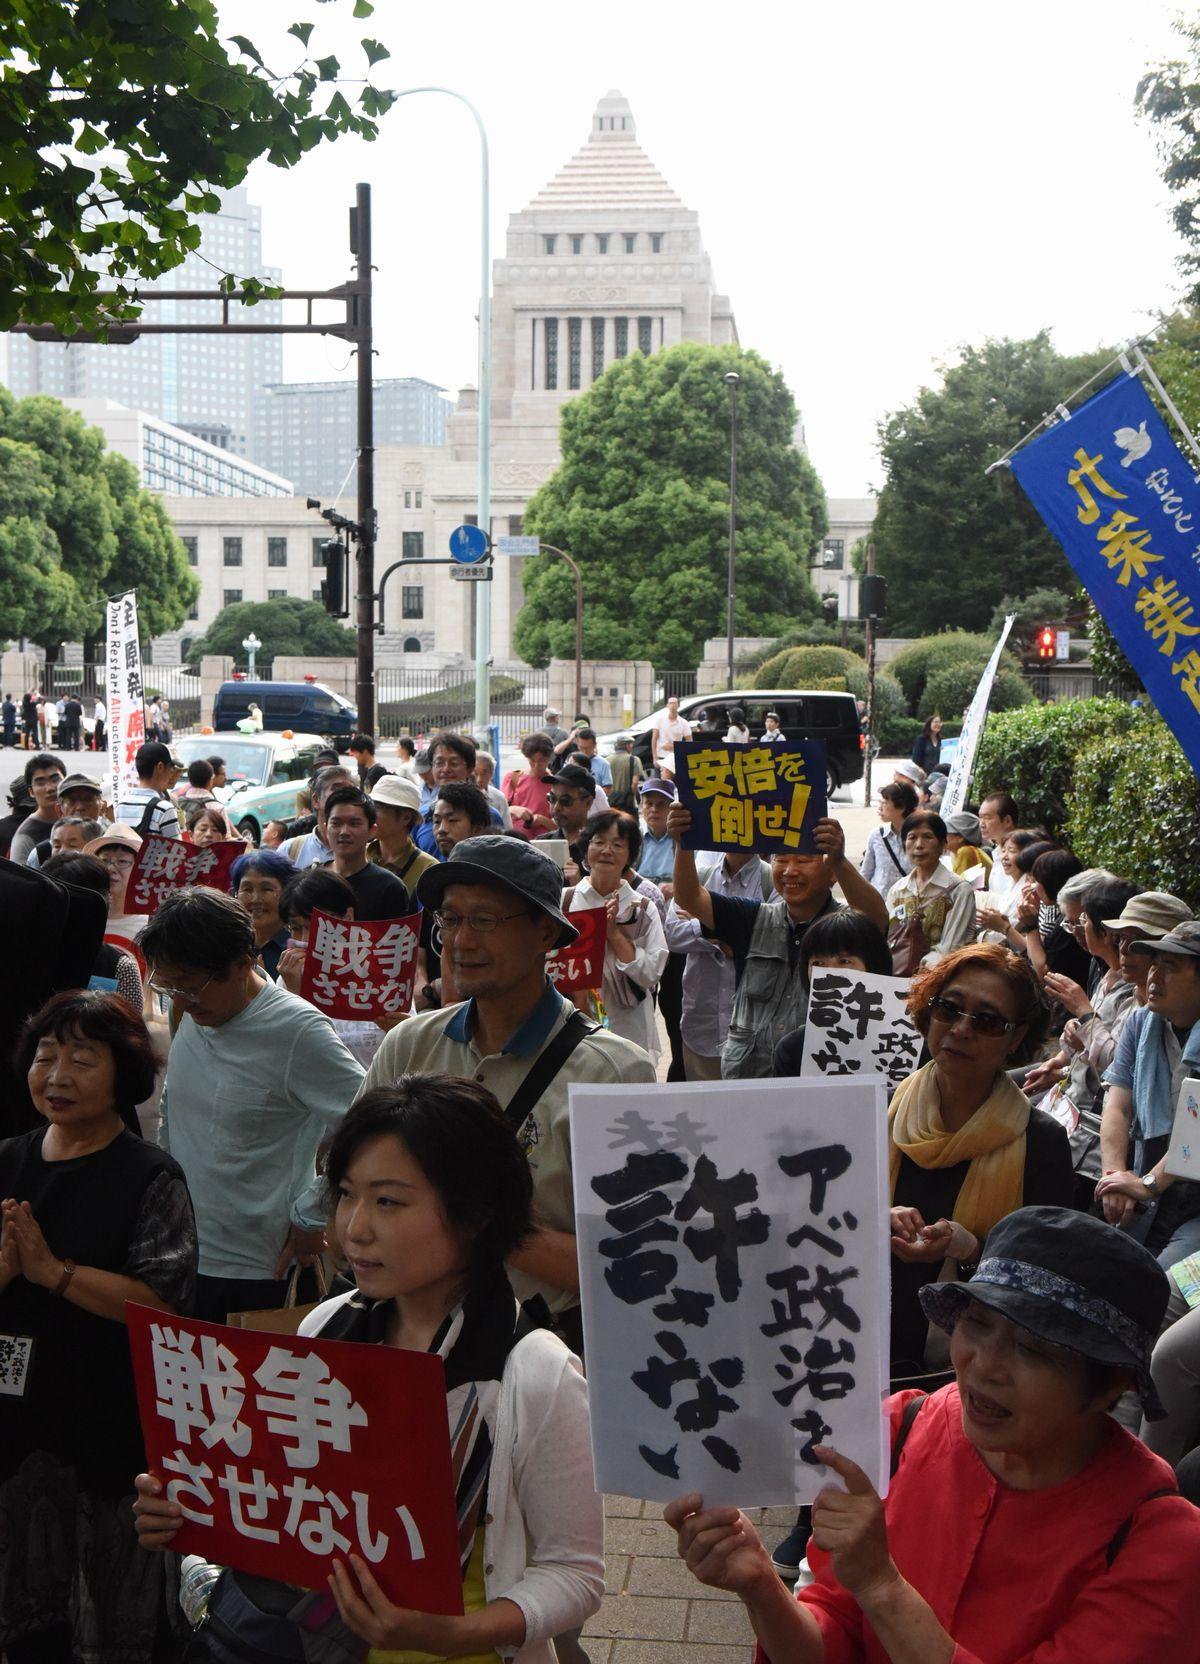 写真・図版 : 2016年9月19日、安保法制が成立した後も国会前で反対の声を上げる人たち=朝日新聞社